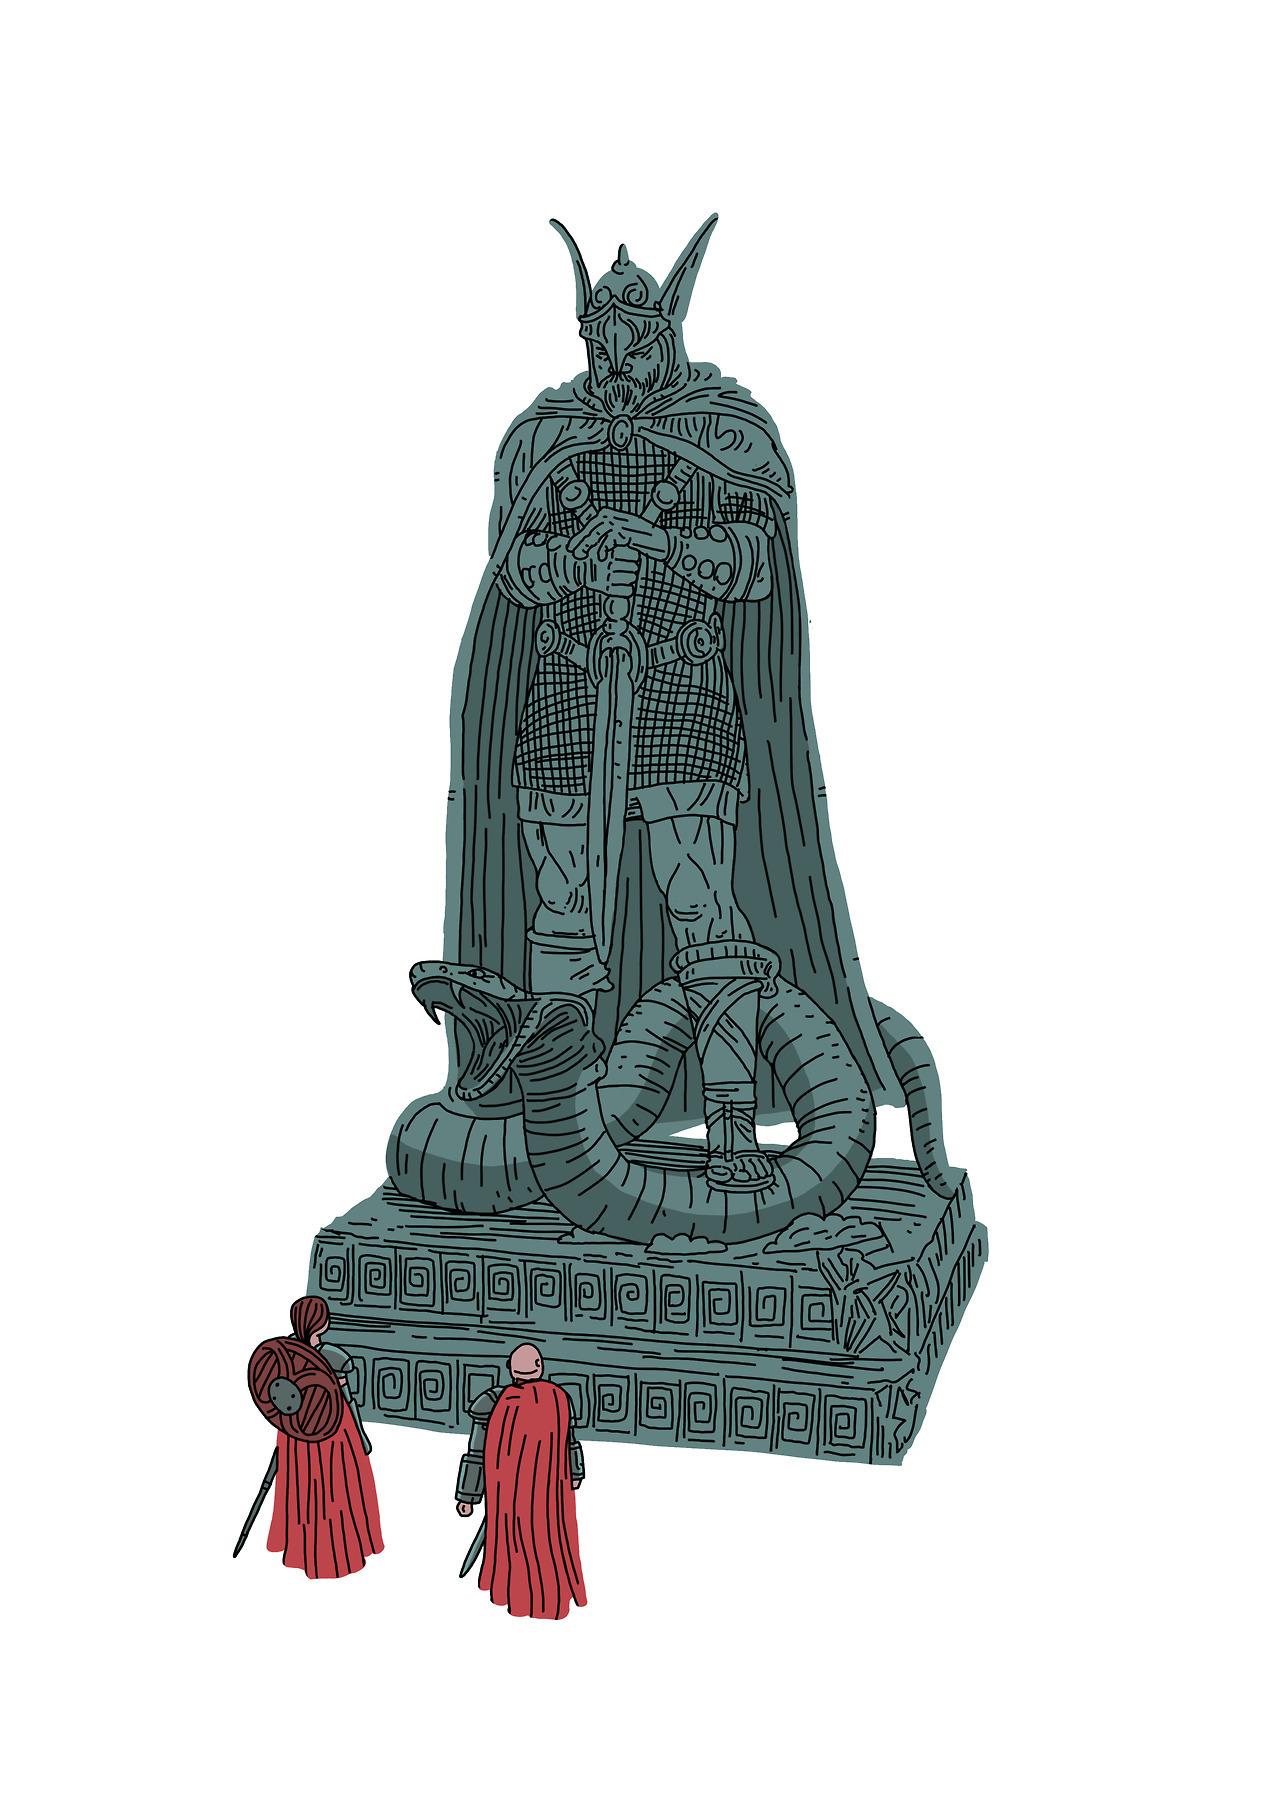 Talos statue clipart vector freeuse library Nodosaurus-Thomas howes — Shrine of Talos vector freeuse library